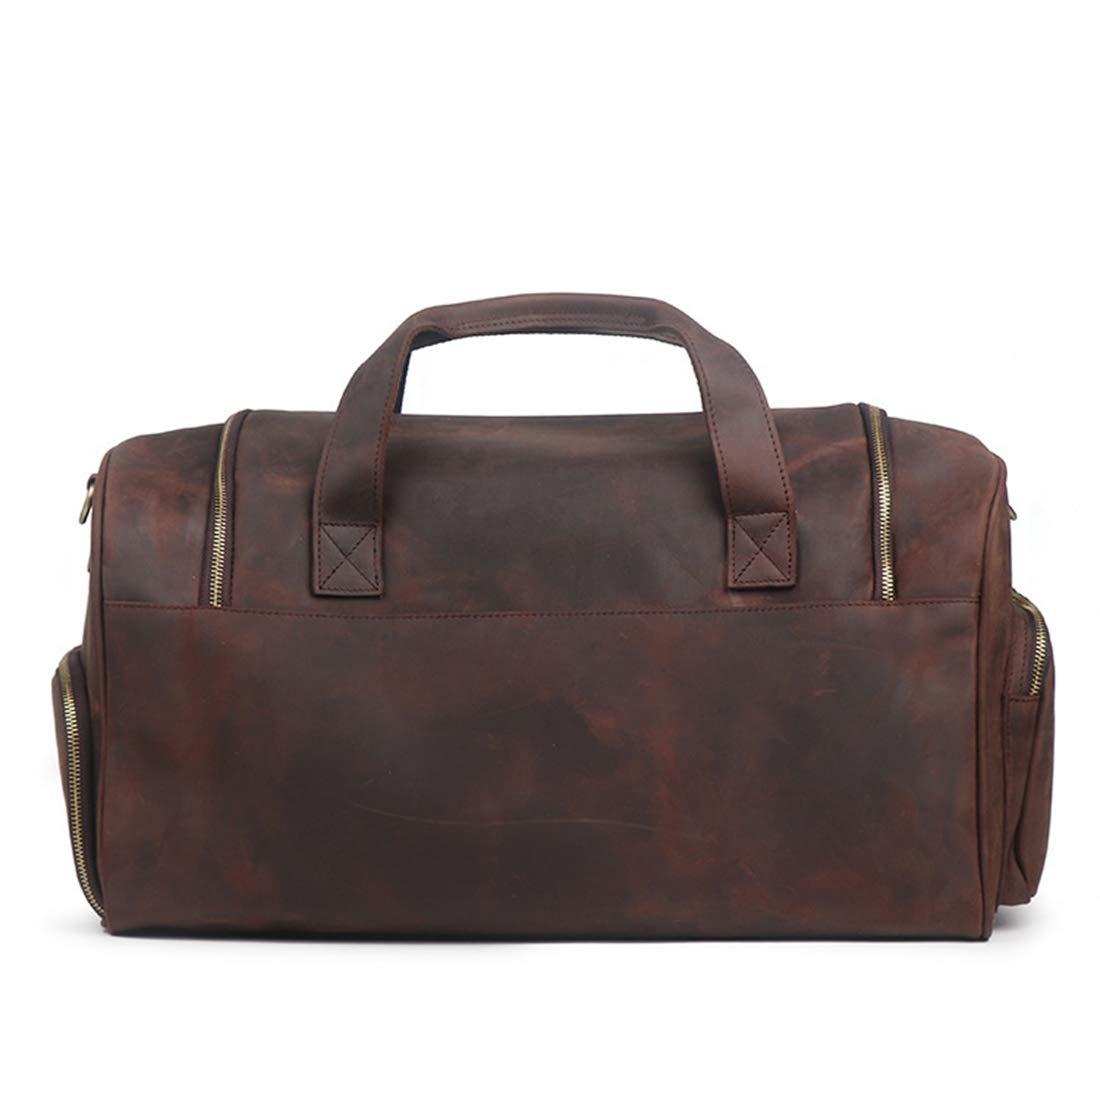 3e6e1a41c7 Valises et sacs de voyage Color : Dark Brown HOUYAZHAN Sac de Sport  Portable pour Homme Sac à bandoulière Diagonale ...